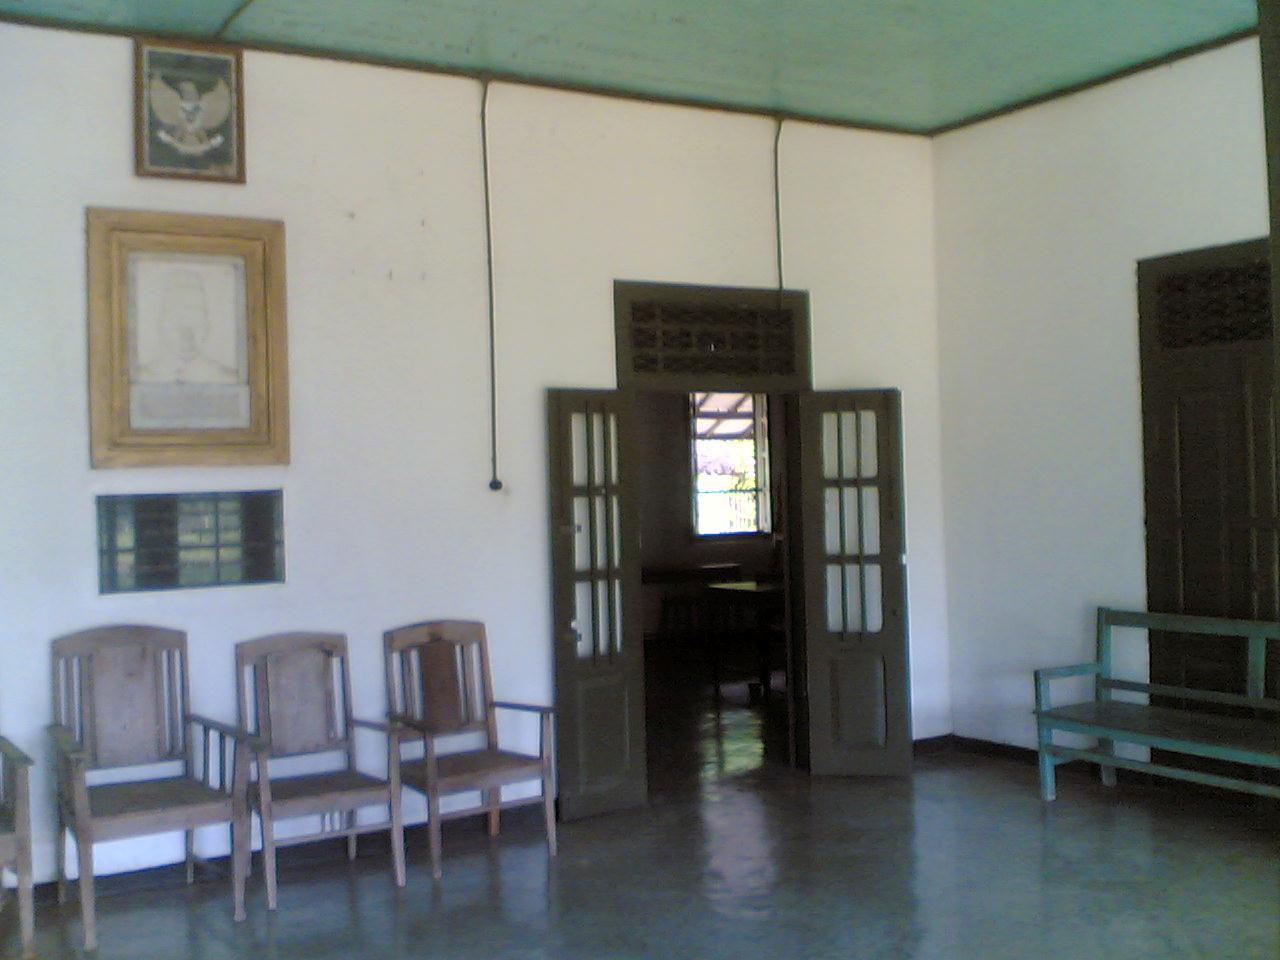 Wisata Ngawi Rumah Peninggalan Dr Radjiman Wedyodiningrat Bagian Ruang Tamu